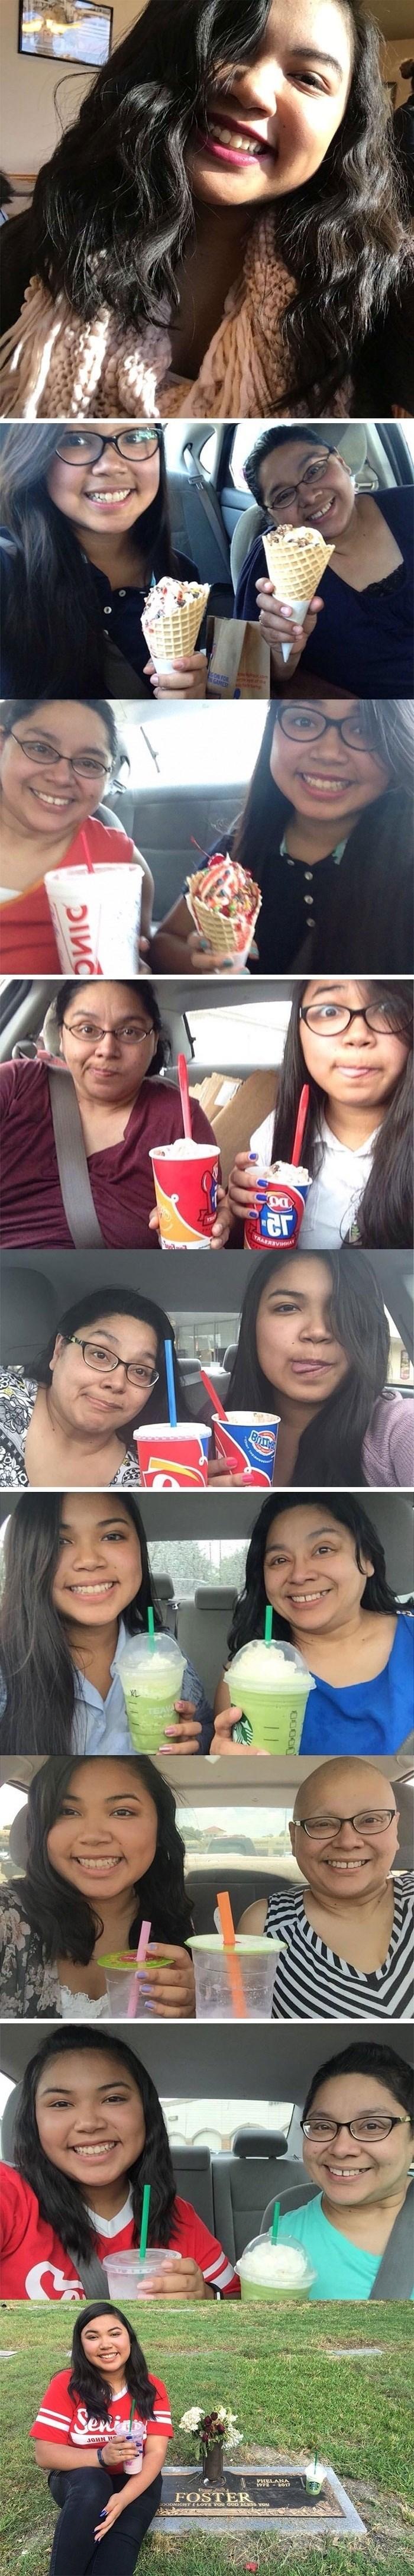 Djevojka je svake godine s majkom slikala istu sliku, posljednja fotka je svima slomila srce